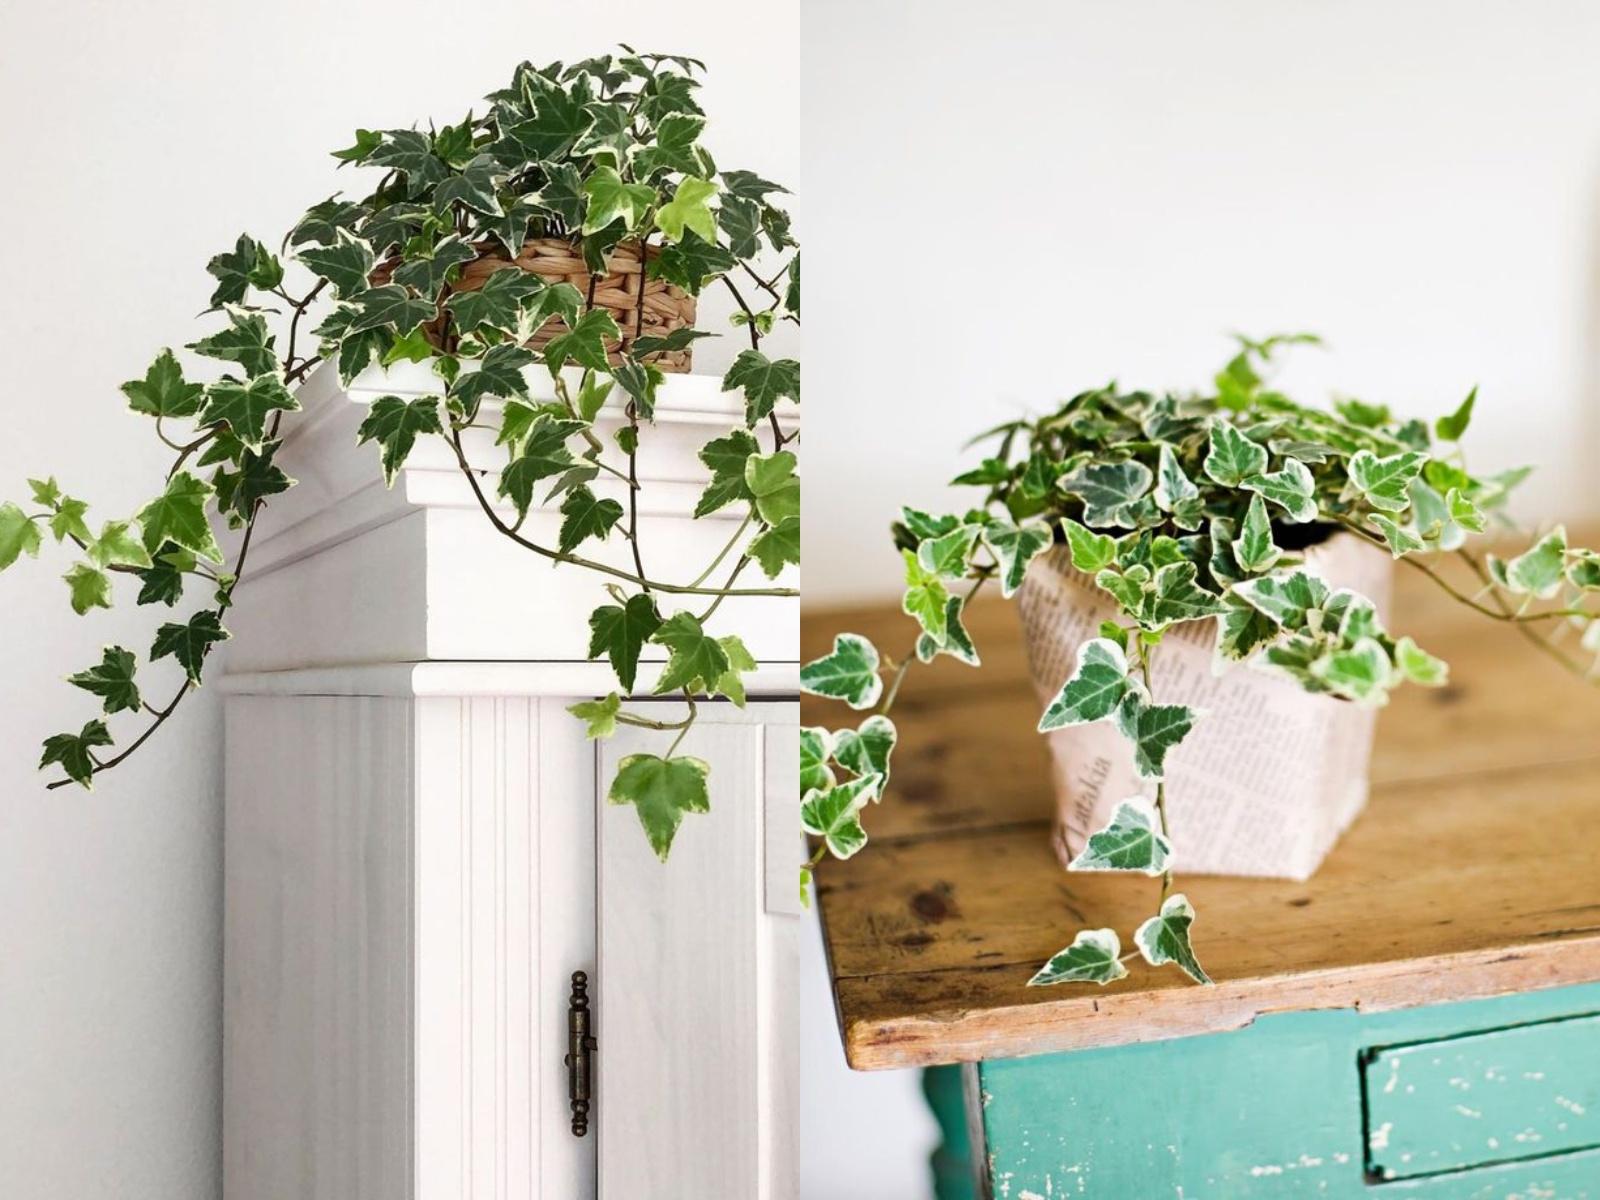 Bluszcz hedera rośliny oczyszczające powietrze